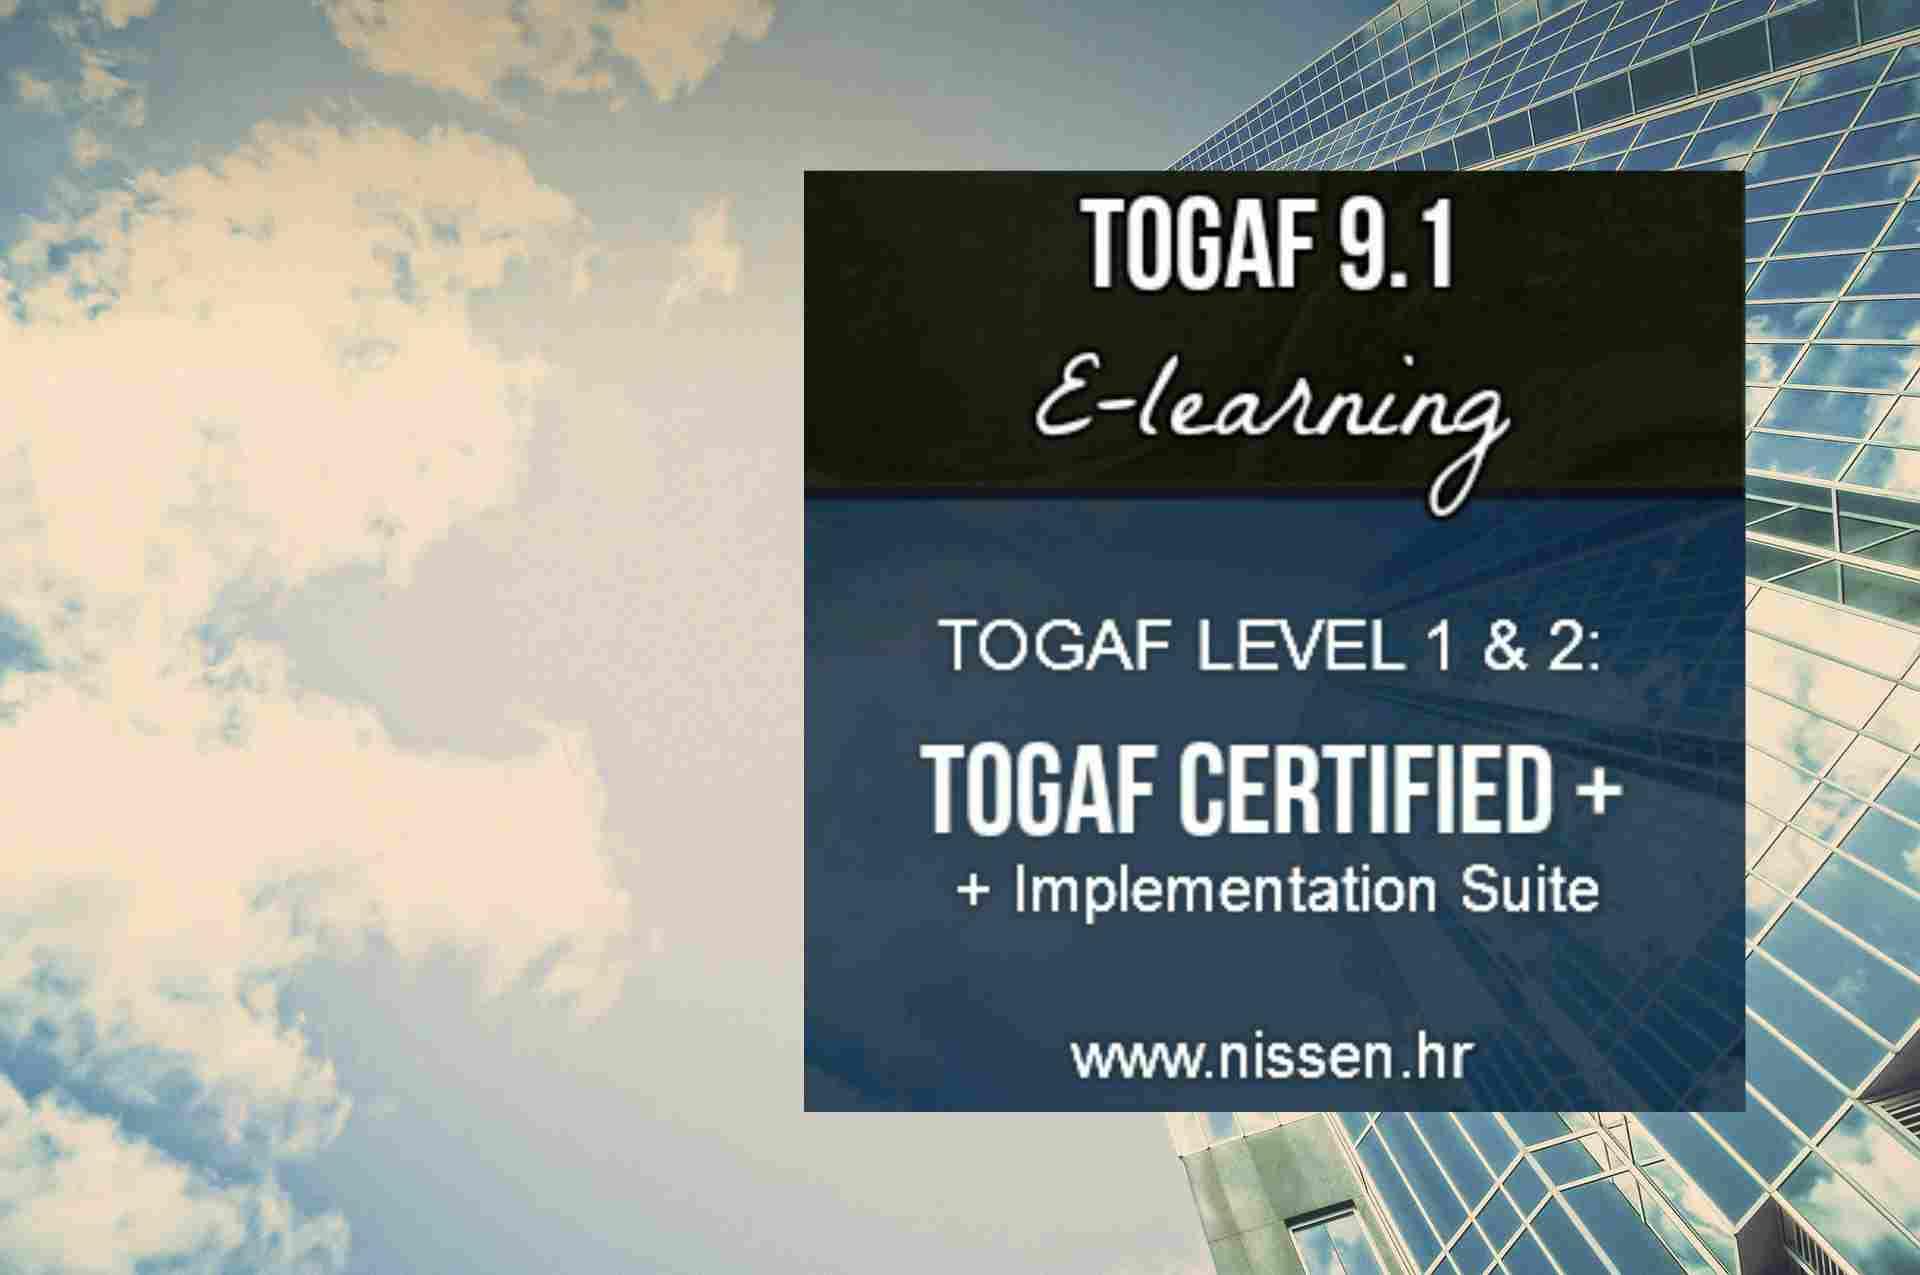 Togaf certification level 1 2 implementation suite nissen itsm togaf certification level 1 2 implementation suite nissen itsm its partner xflitez Gallery